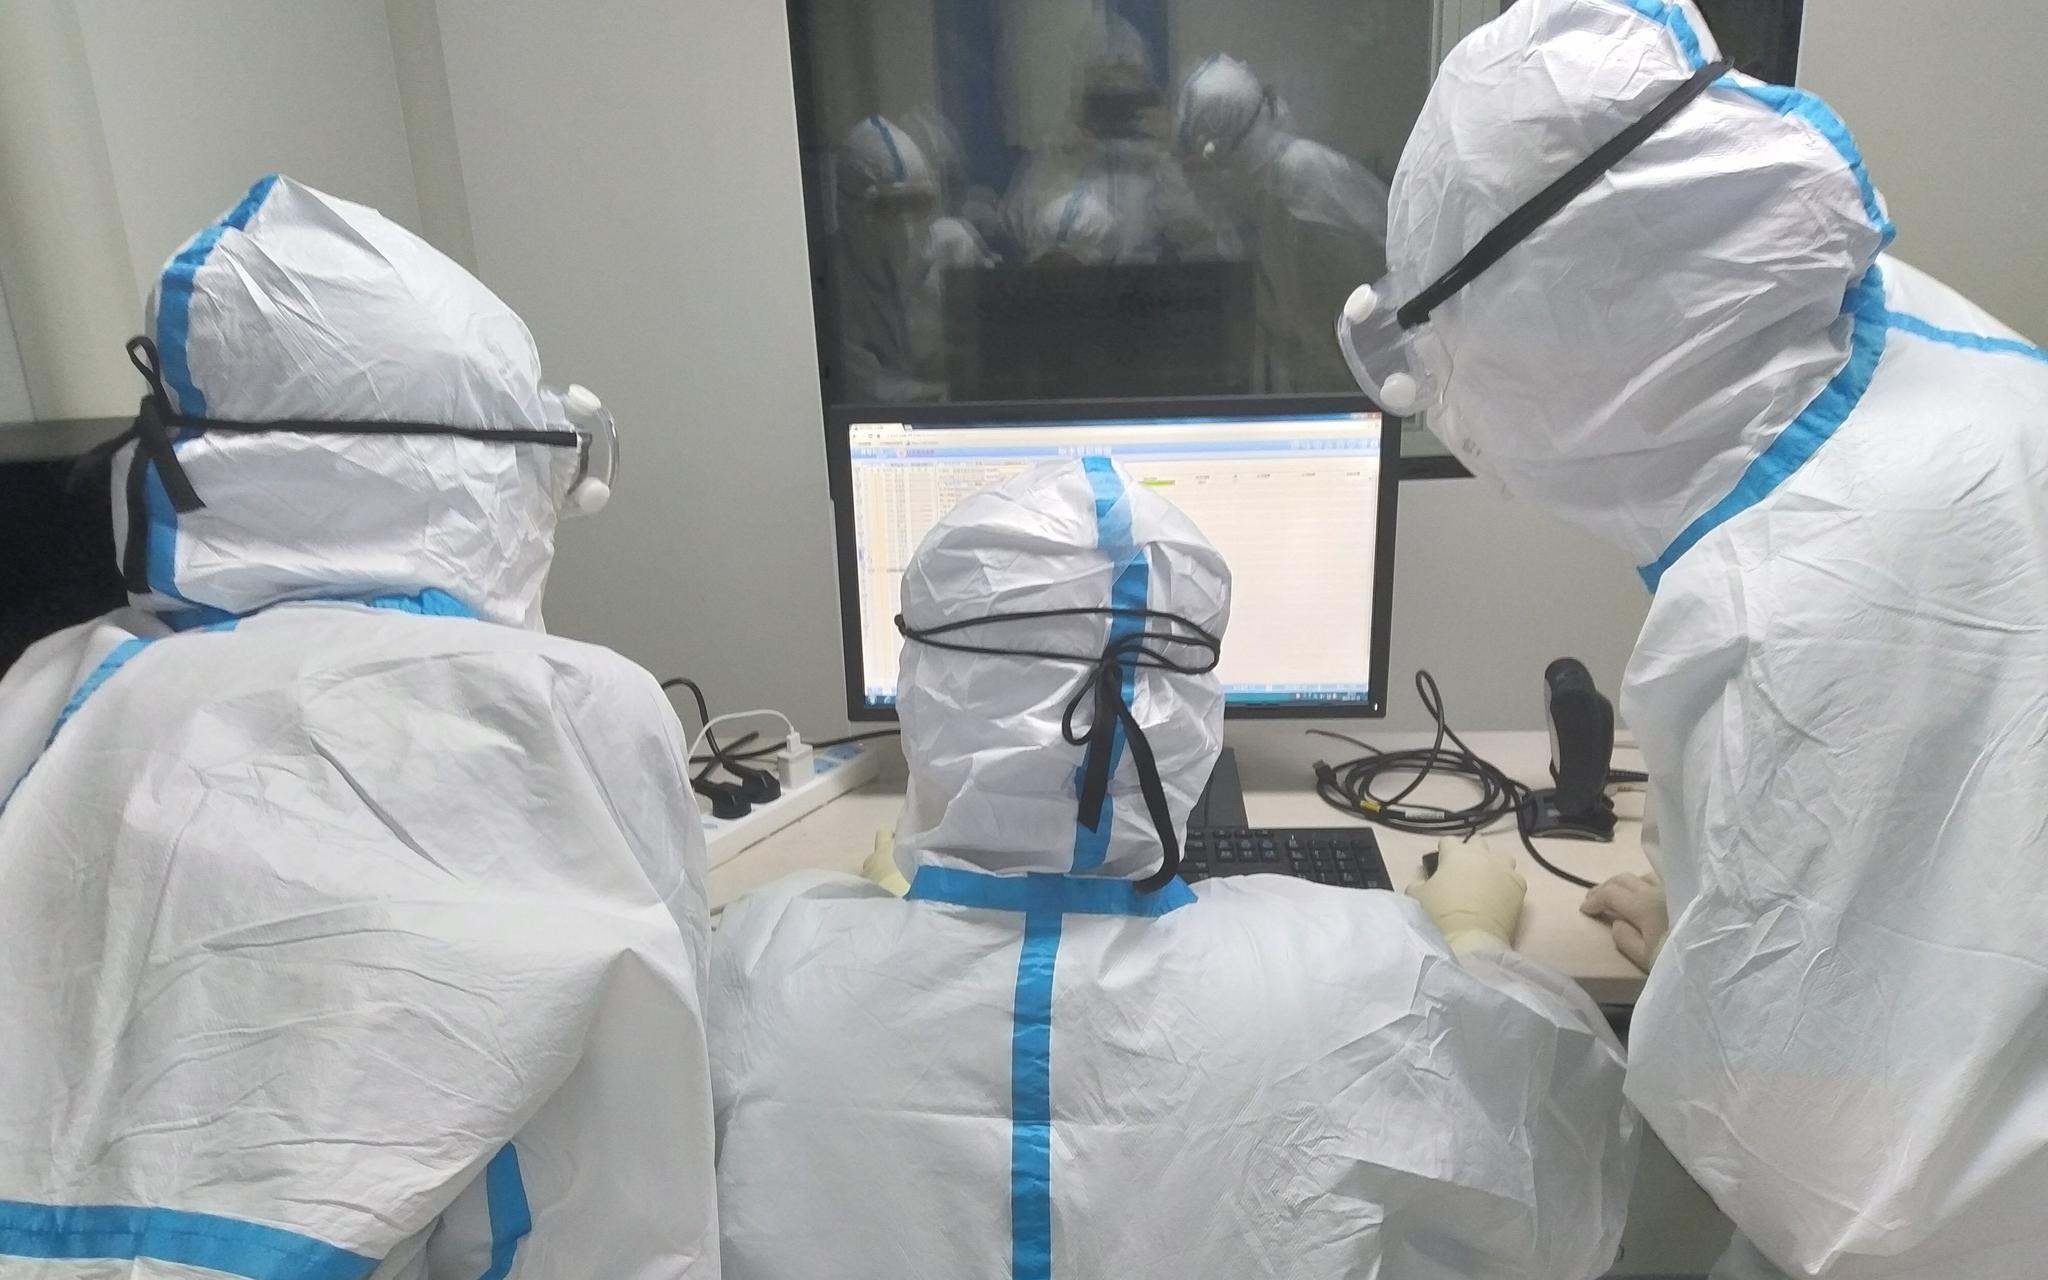 北京朝阳医院核酸检测能力提升 单日单检超万份图片